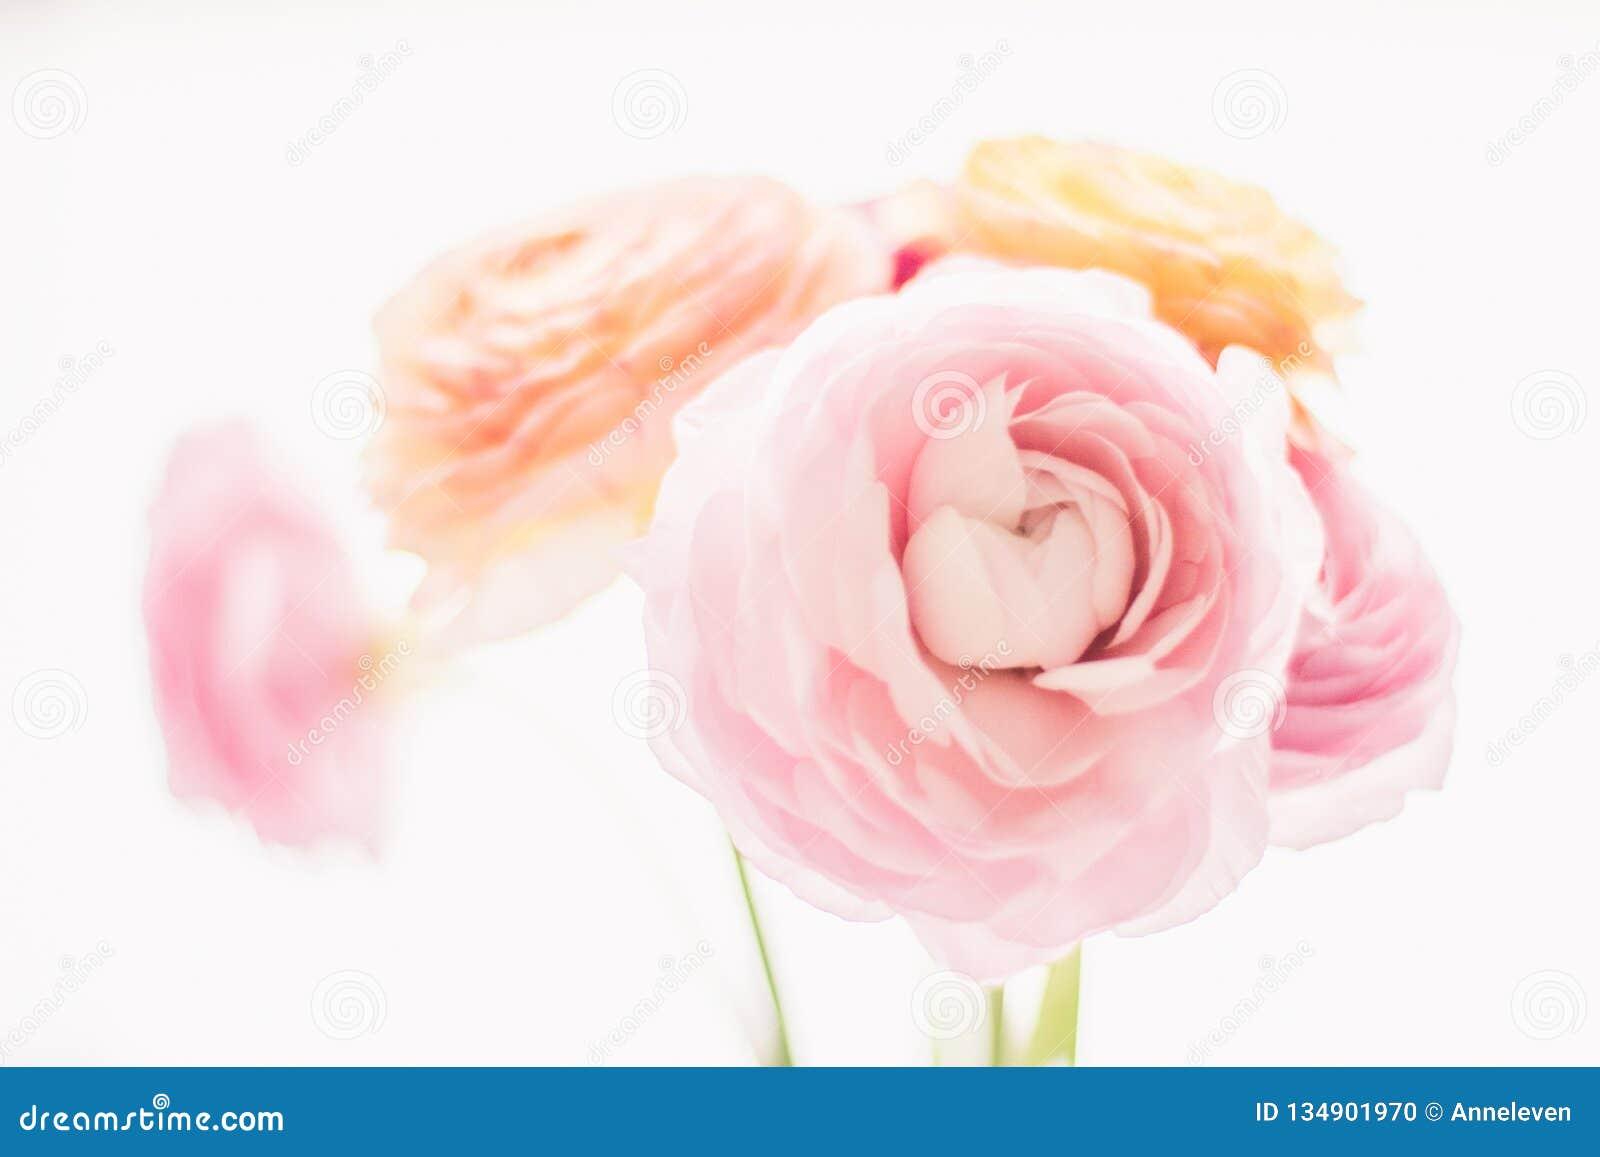 Flores cor-de-rosa cor-de-rosa do jardim - casamento, feriado e jardim floral conceito denominado